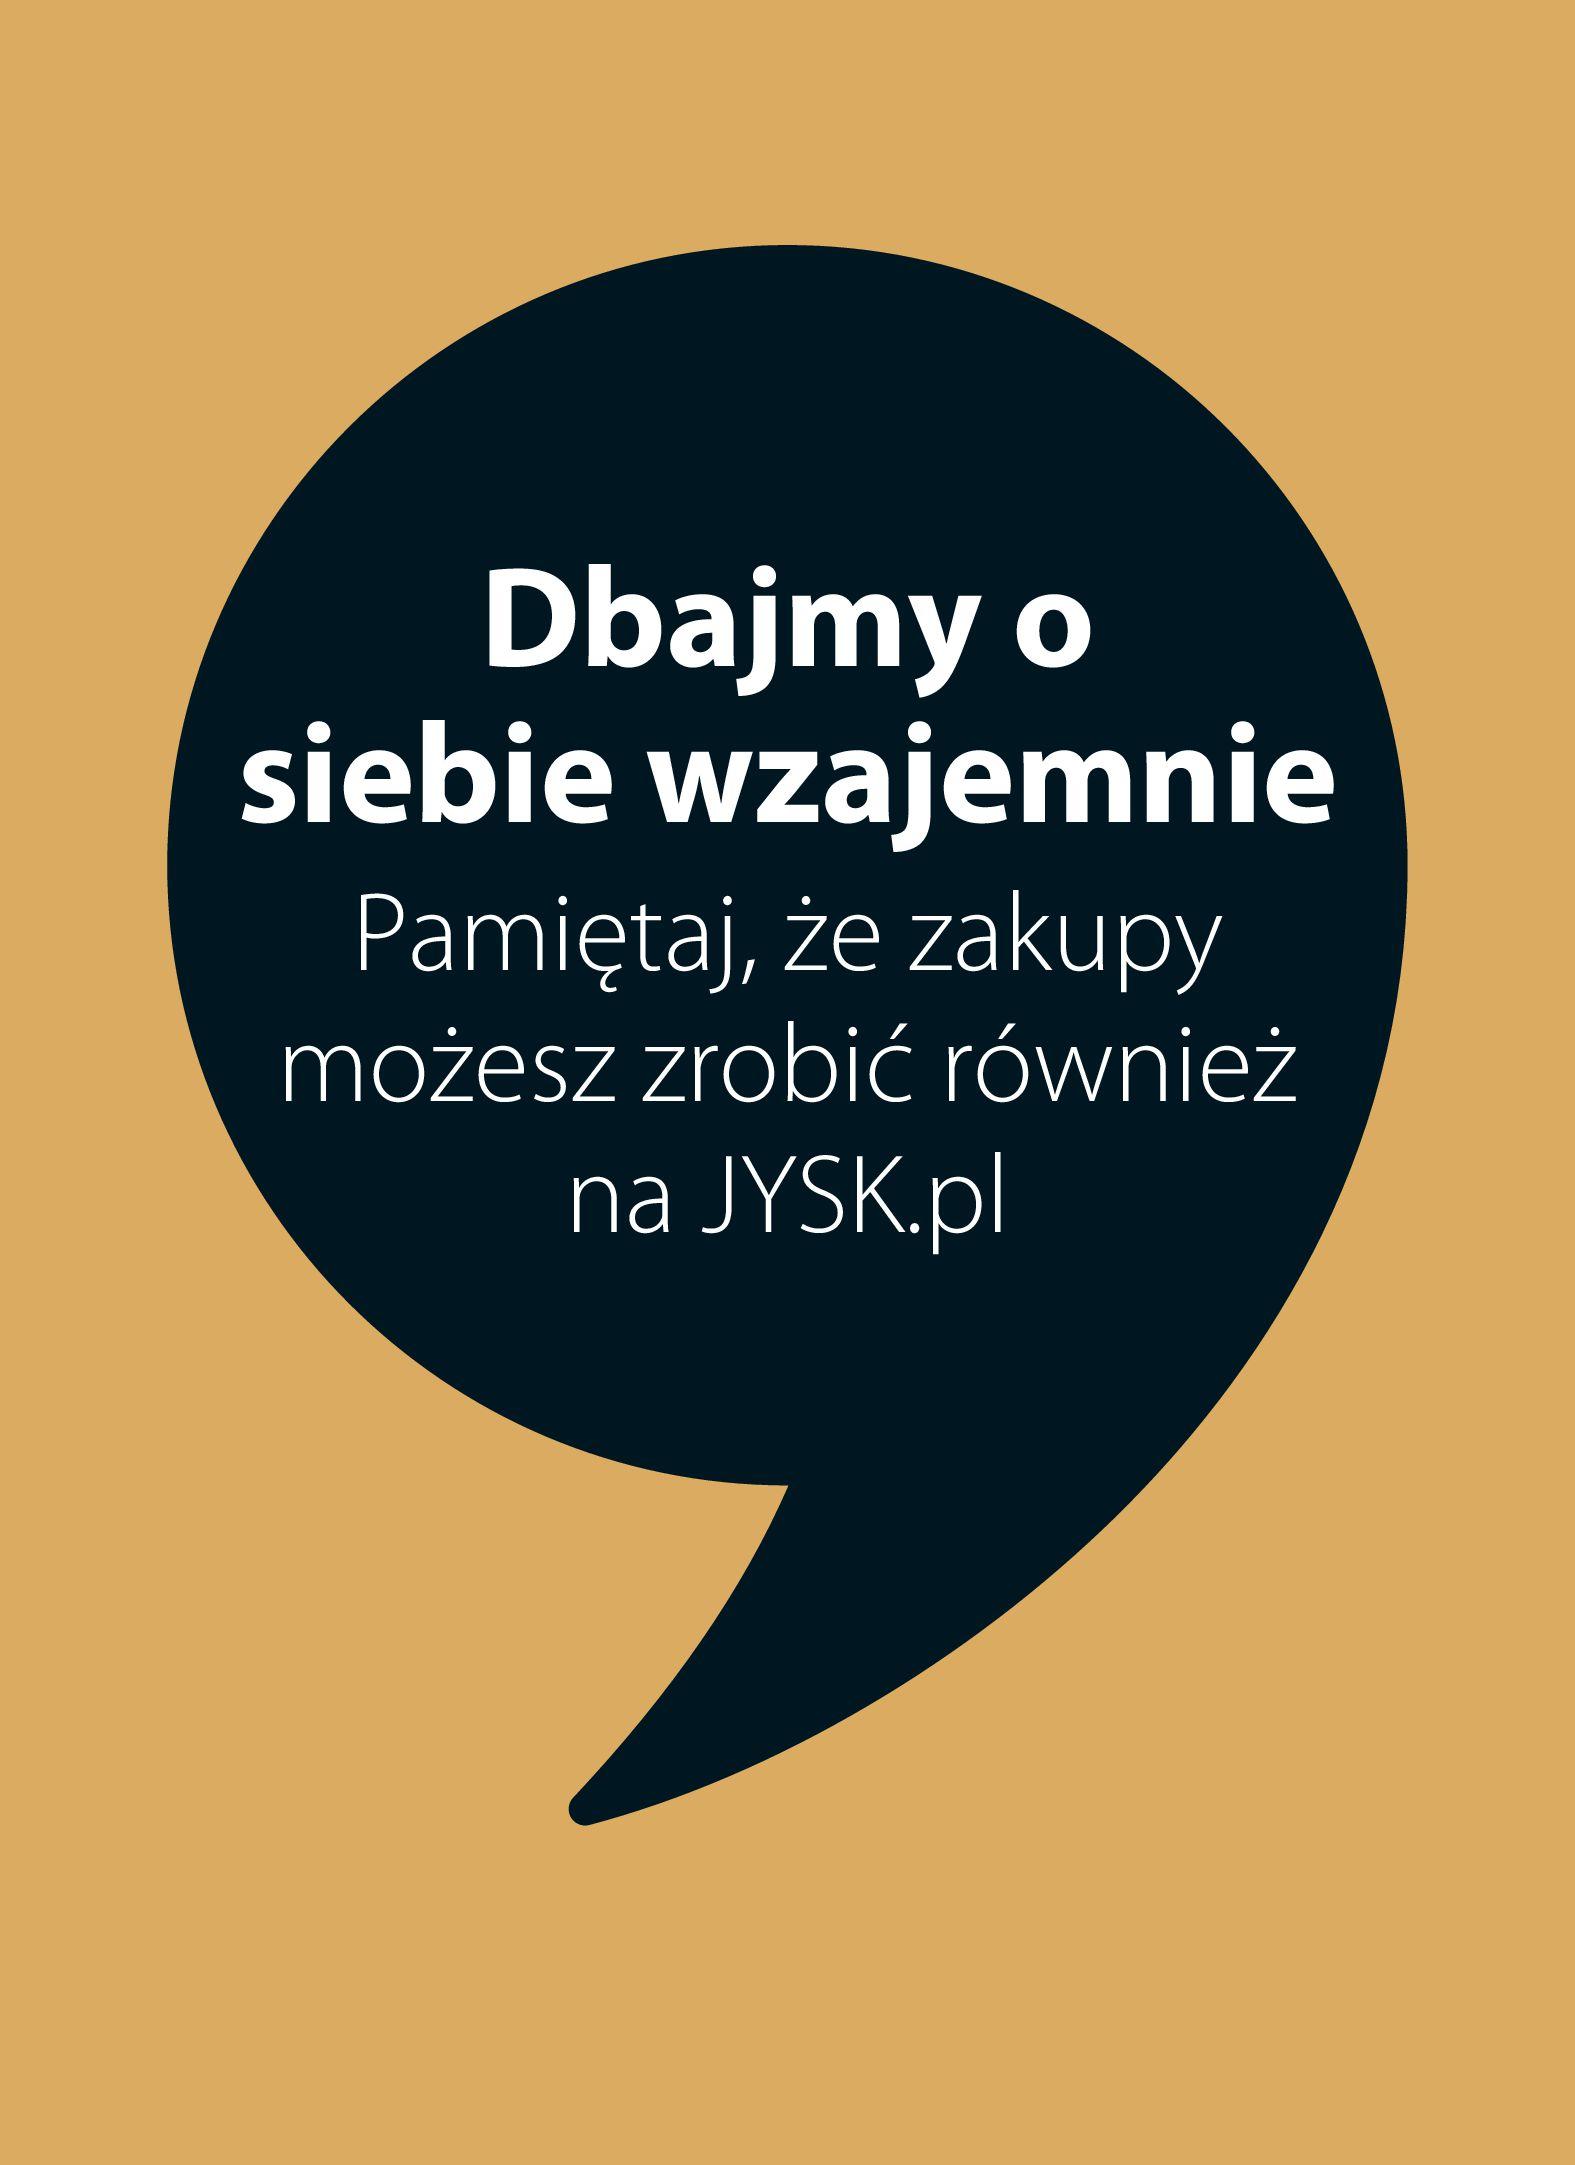 Jysk:  Gazetka Jysk - 12-25.05 11.05.2021